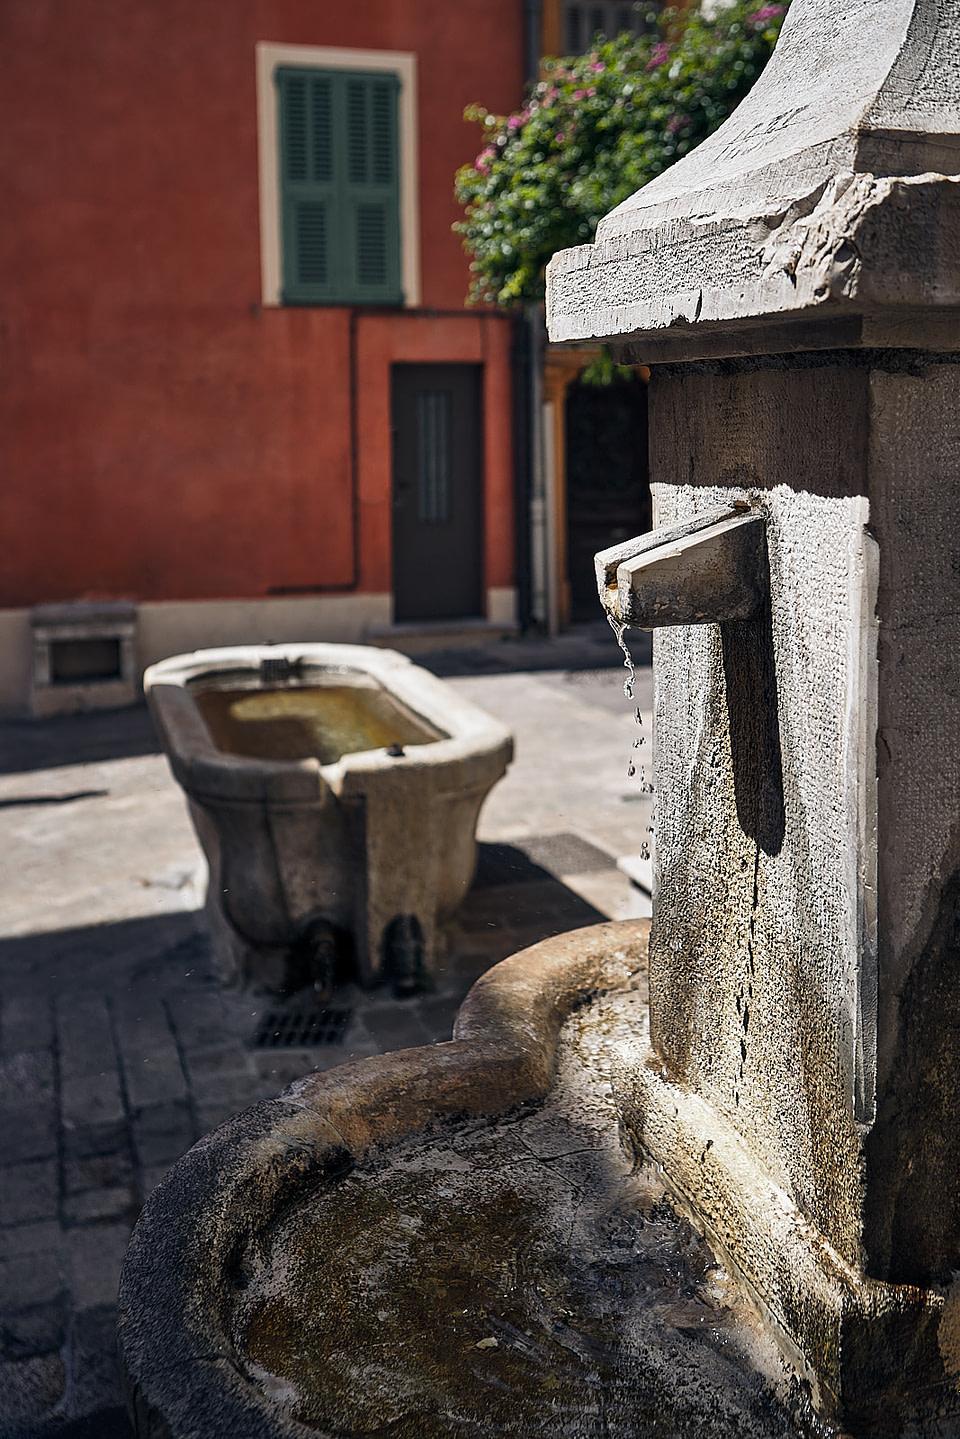 Petite fontaine dans une ruelle ensoleillée à Valbonne - Cote d' Azur